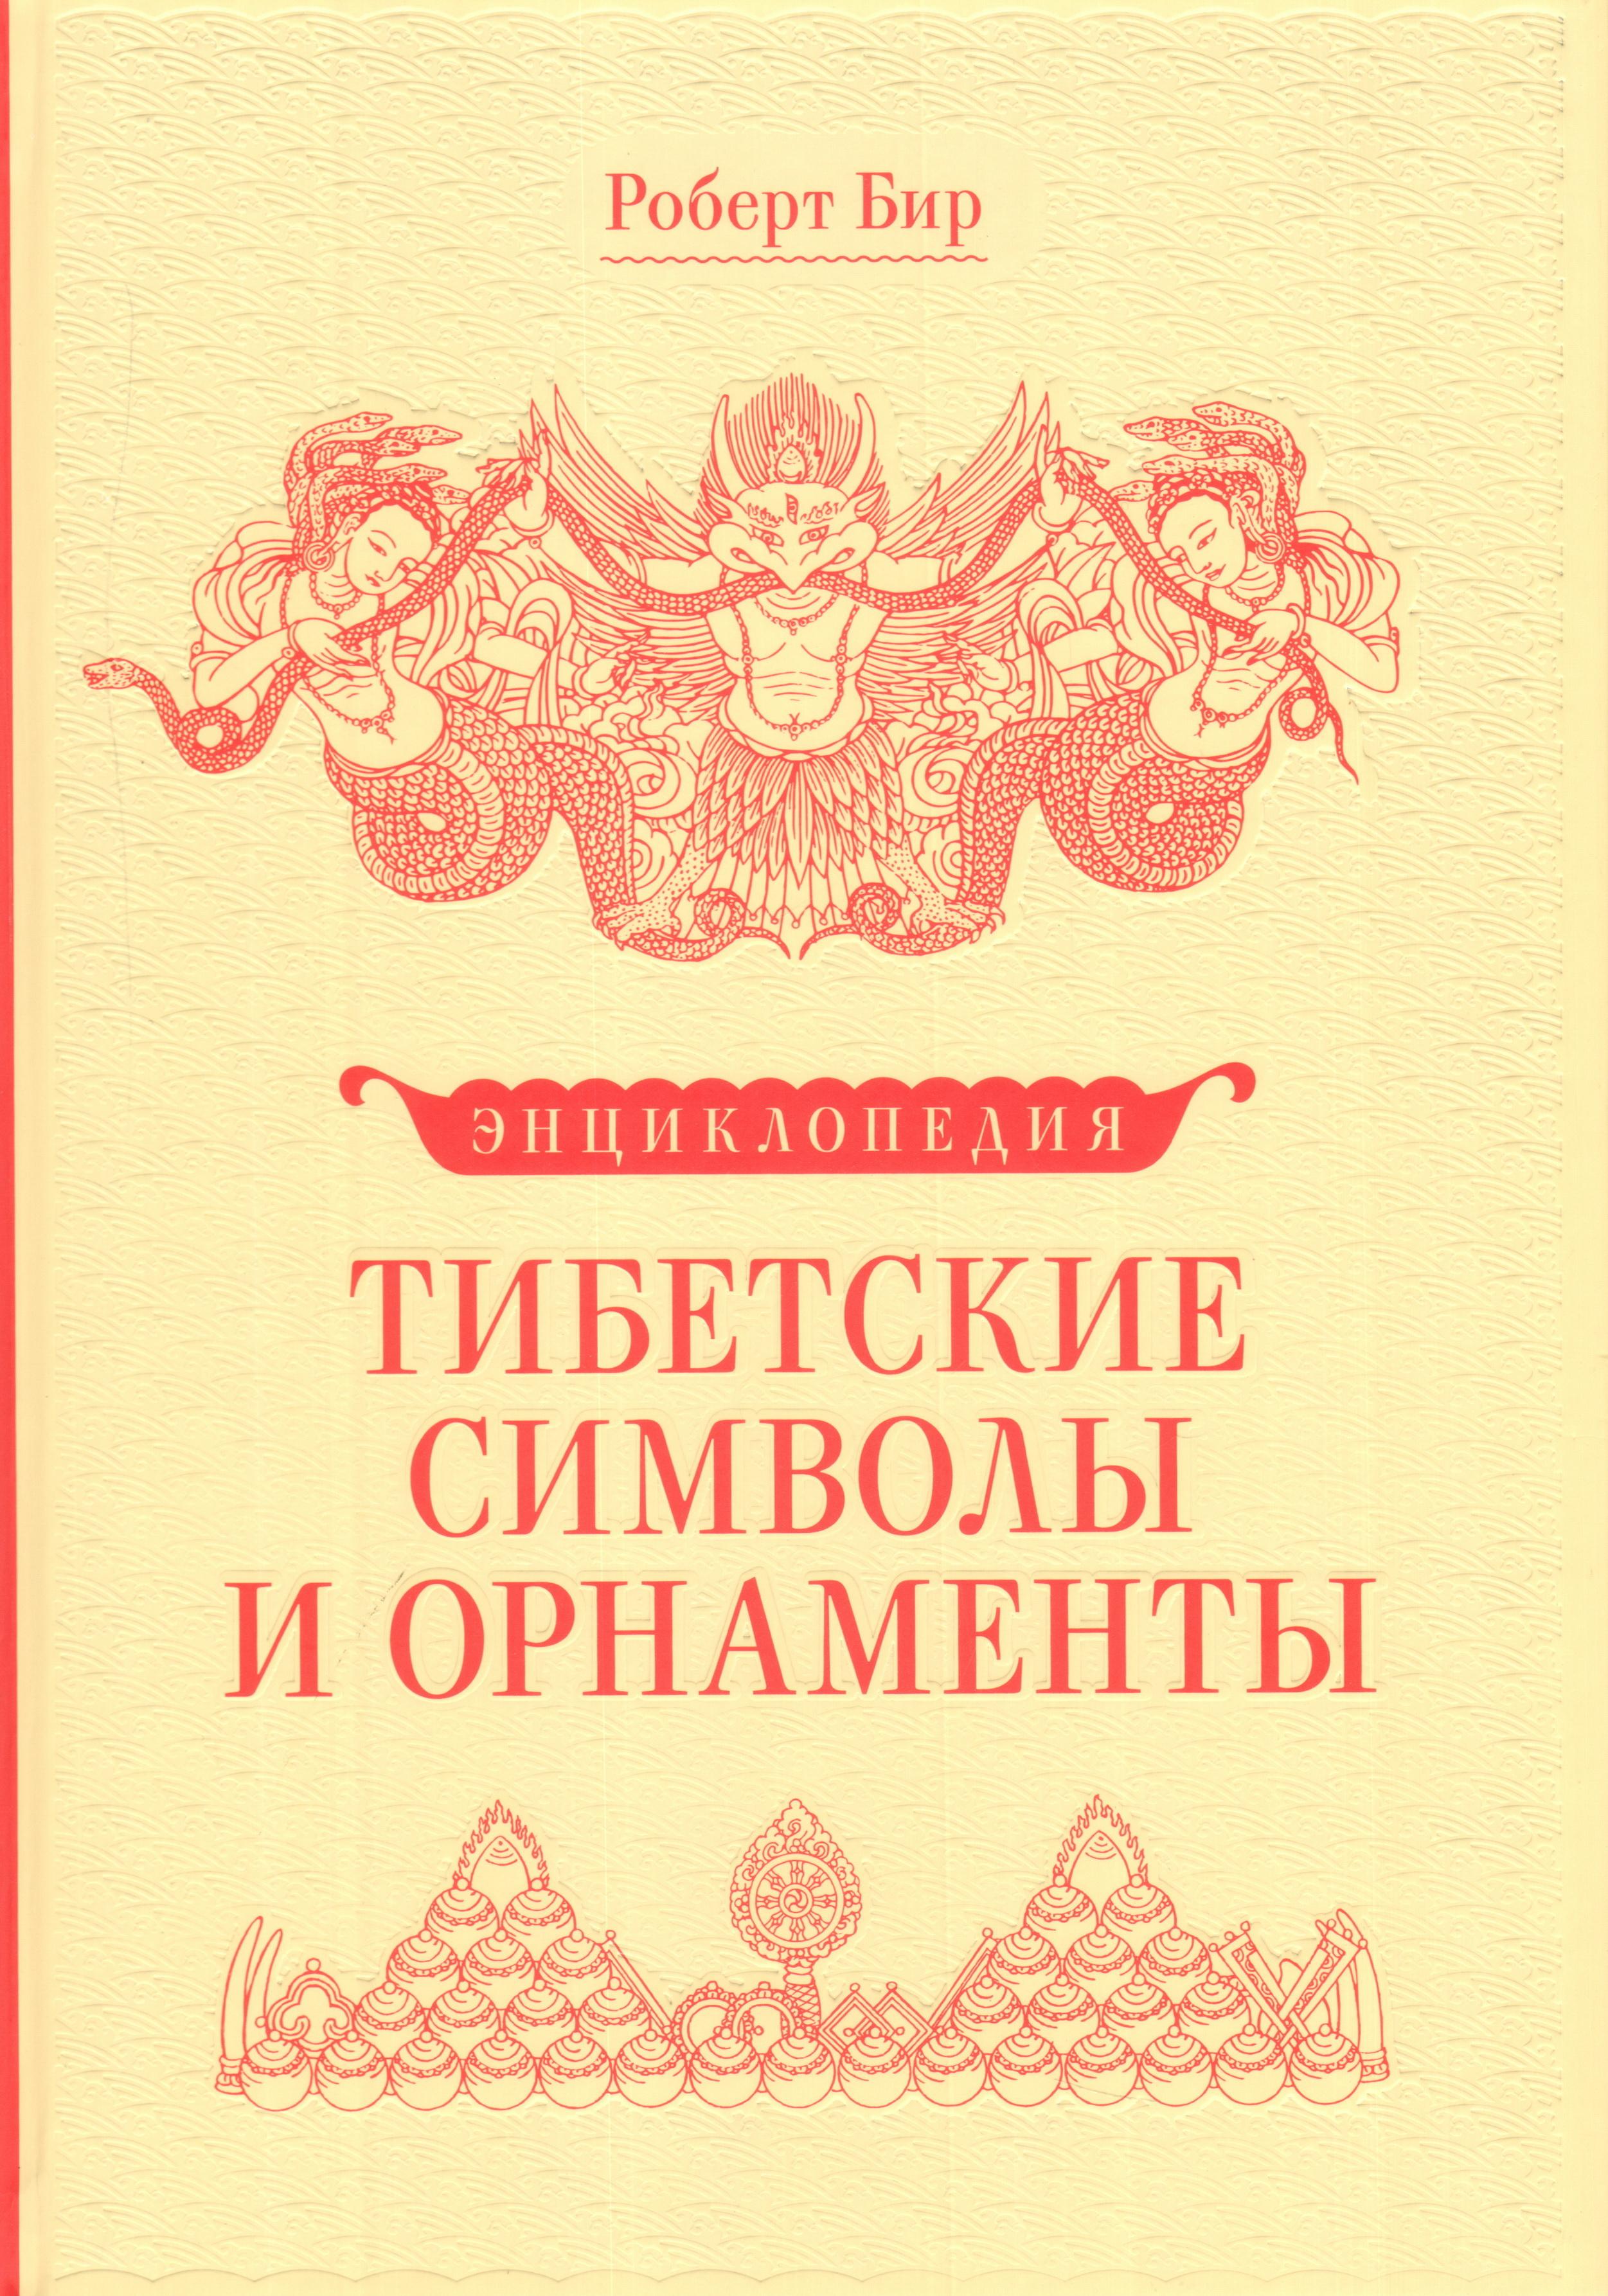 Тибетские символы и орнаменты.Энциклопедия